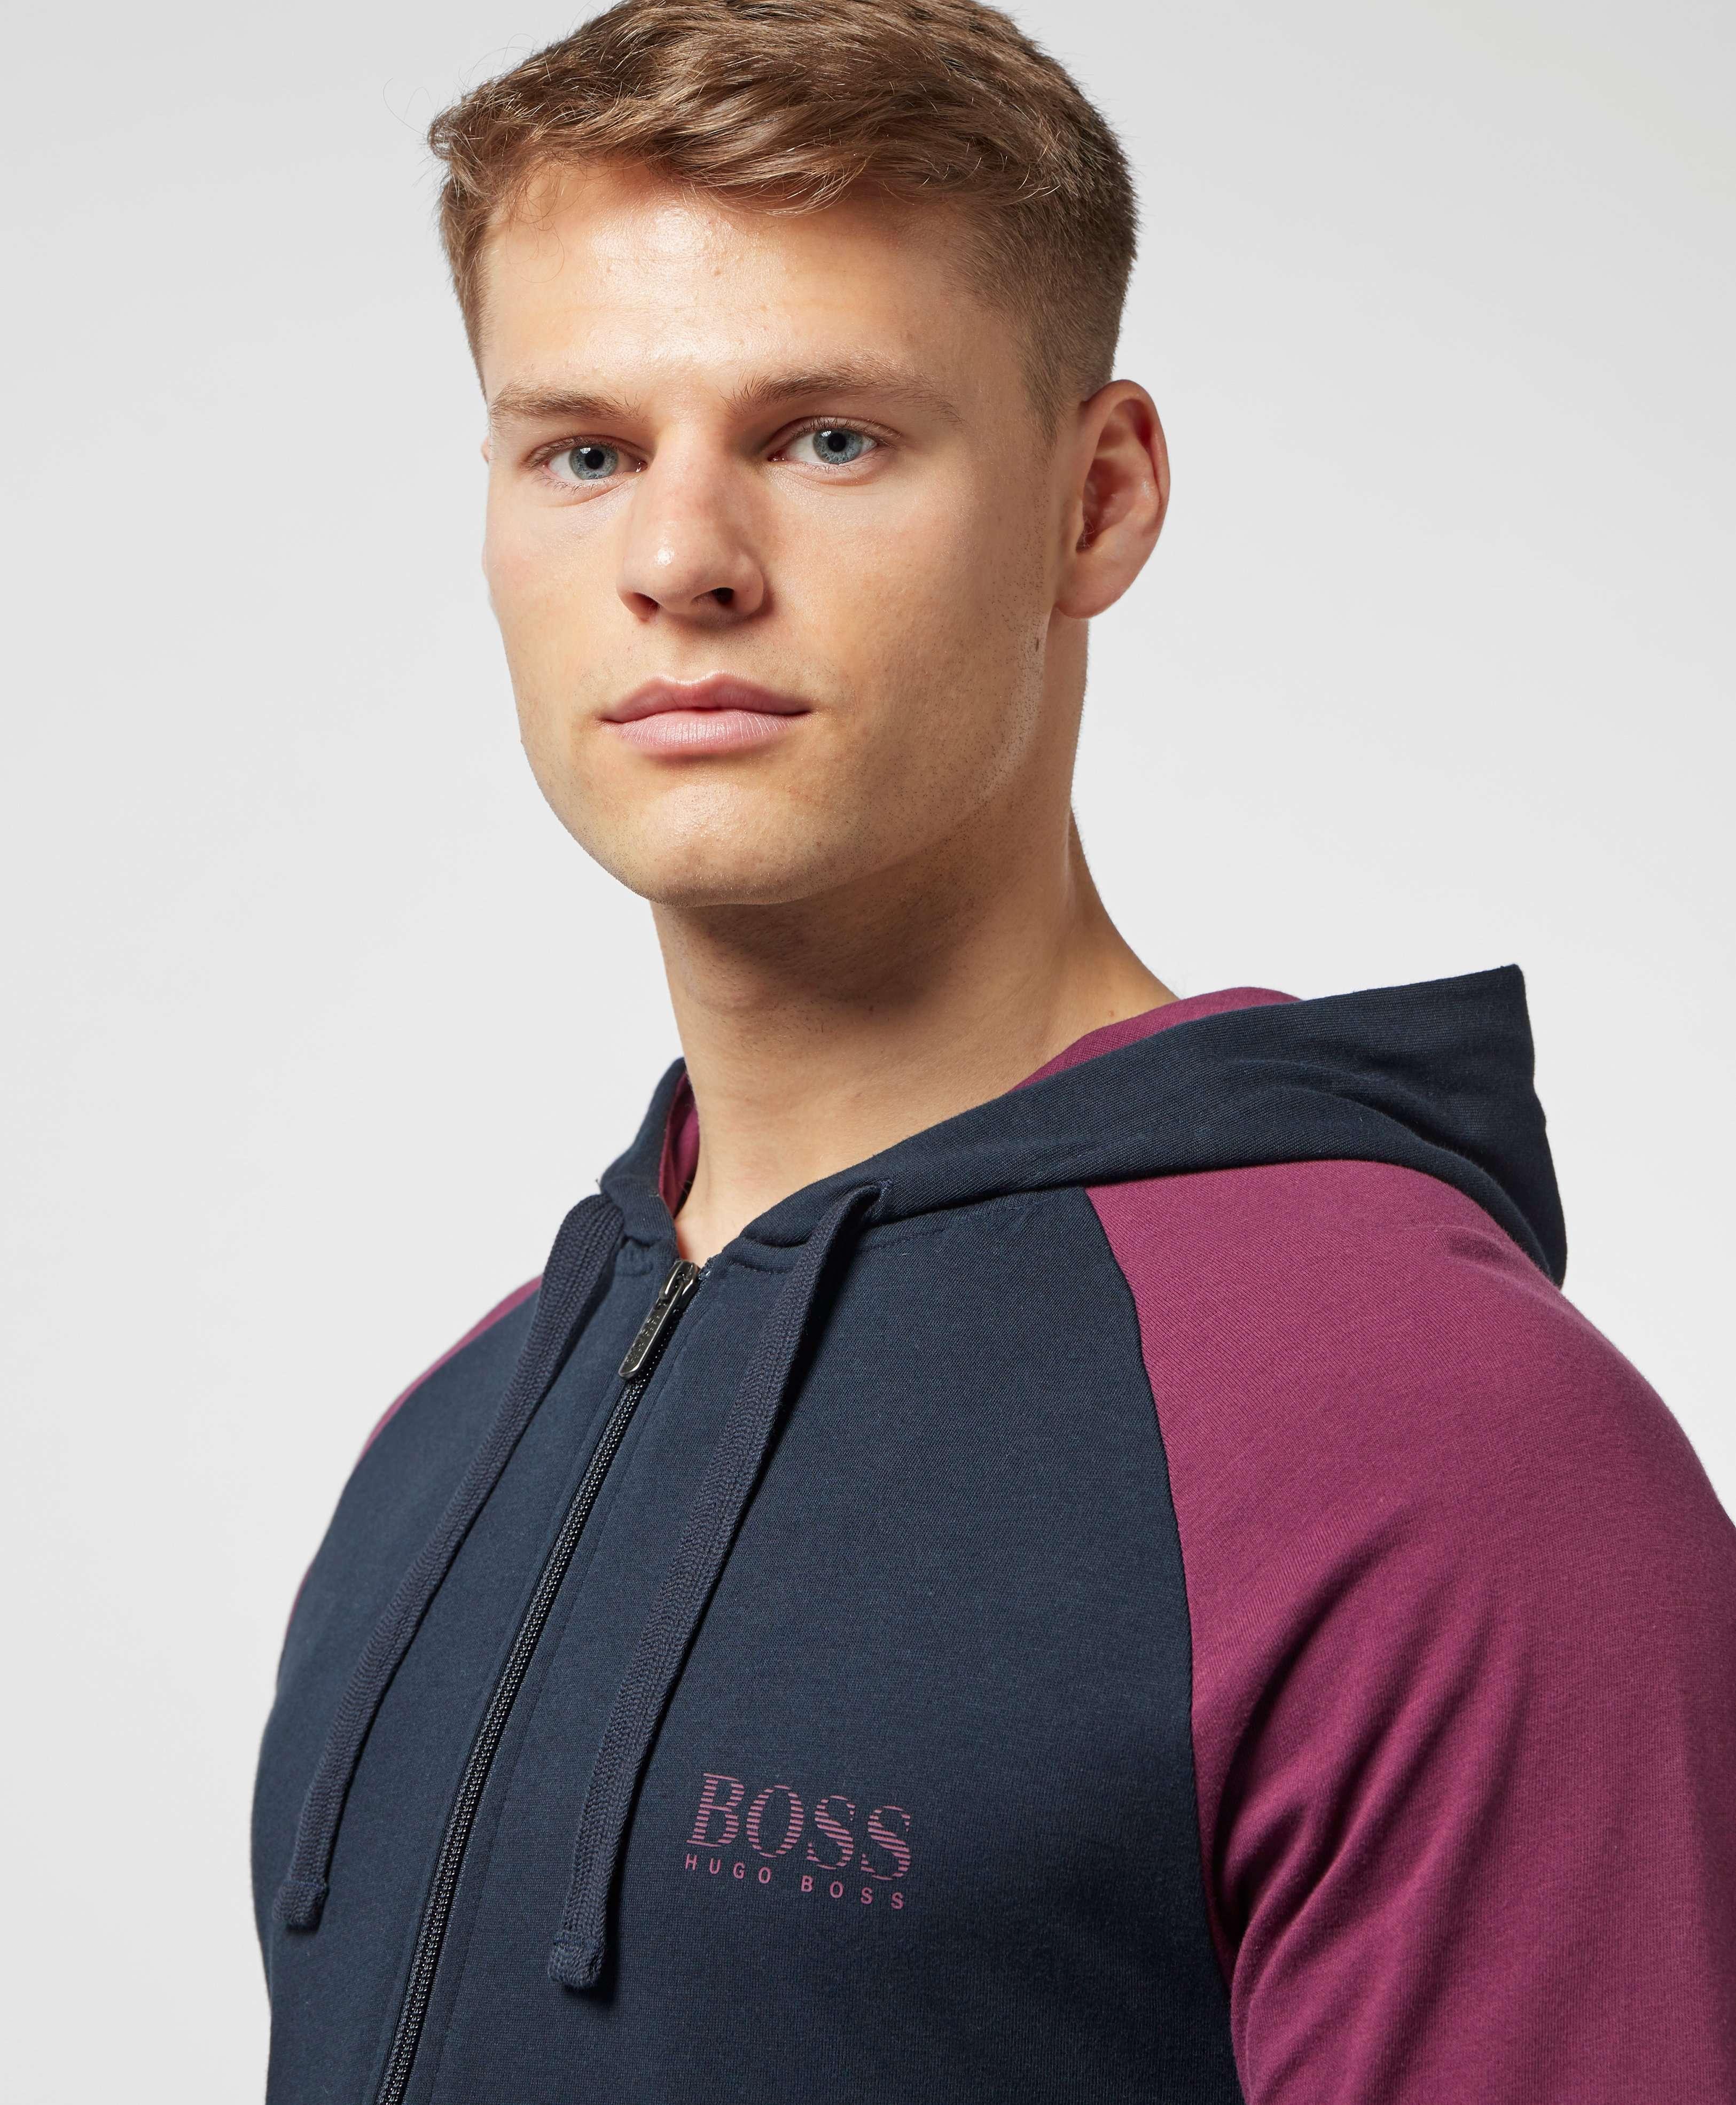 BOSS Authentic Full Zip Hoodie - Exclusive